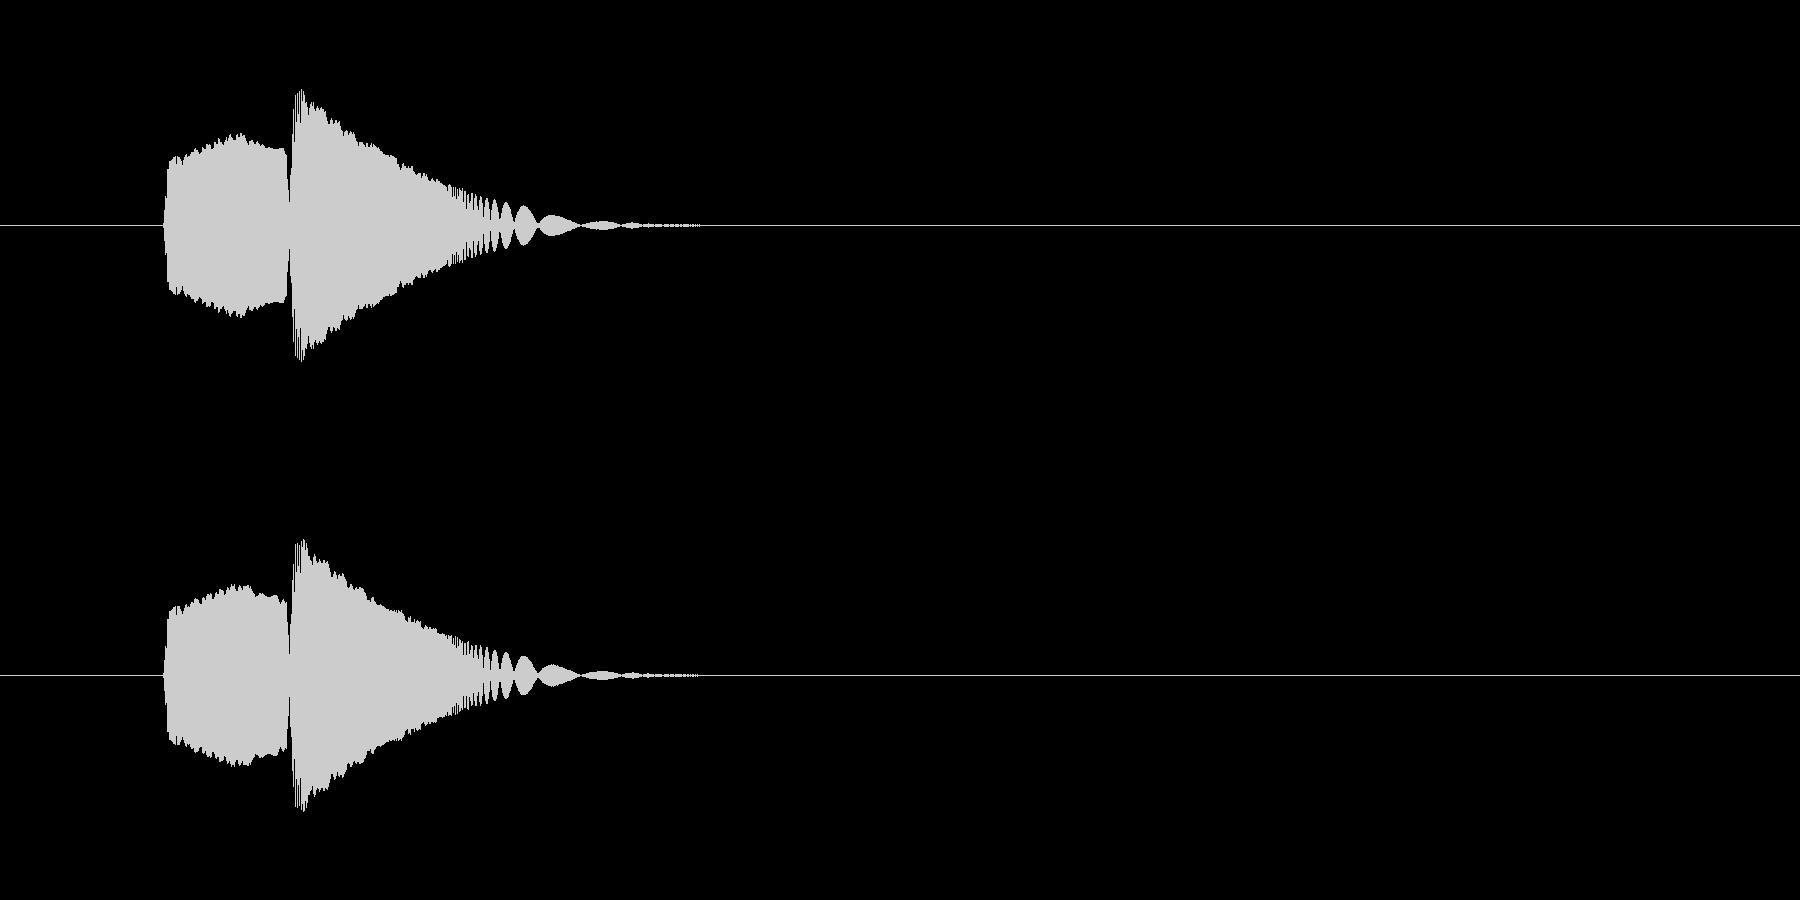 ピヨ(決定音・動作・コミカル・かわいい)の未再生の波形